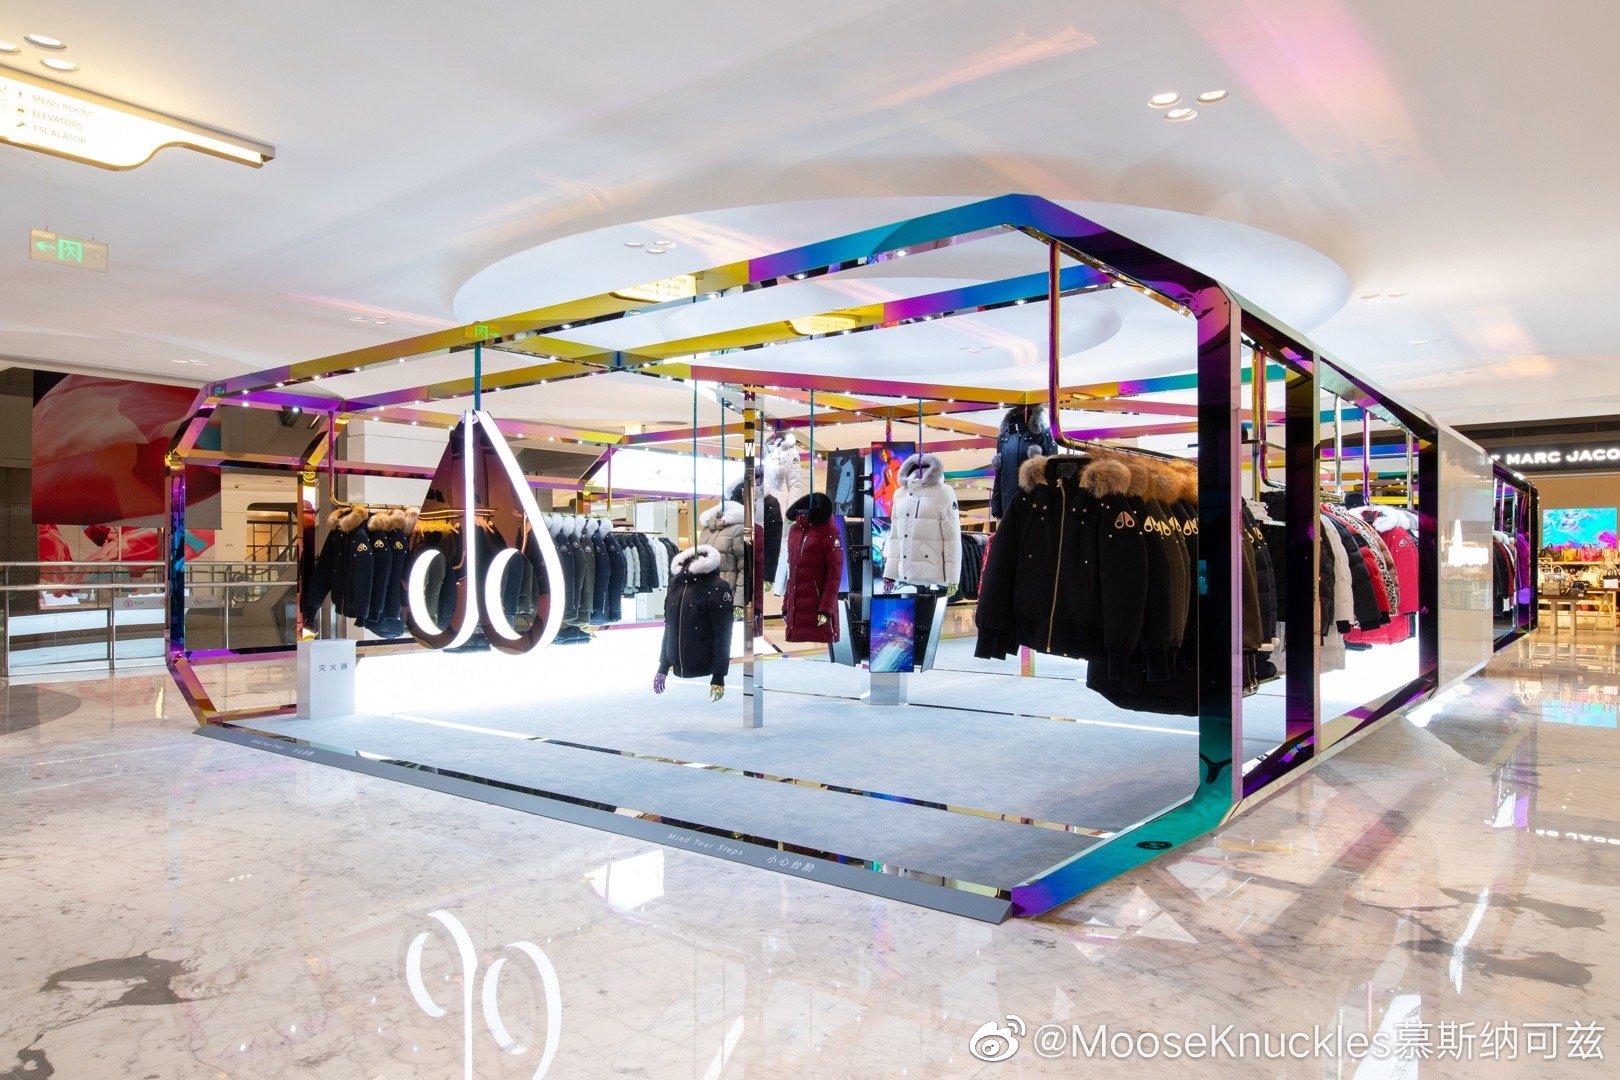 Moose Knuckles Pop Up Sep 12th – Feb 28th Beijing /Hangzhou – 7